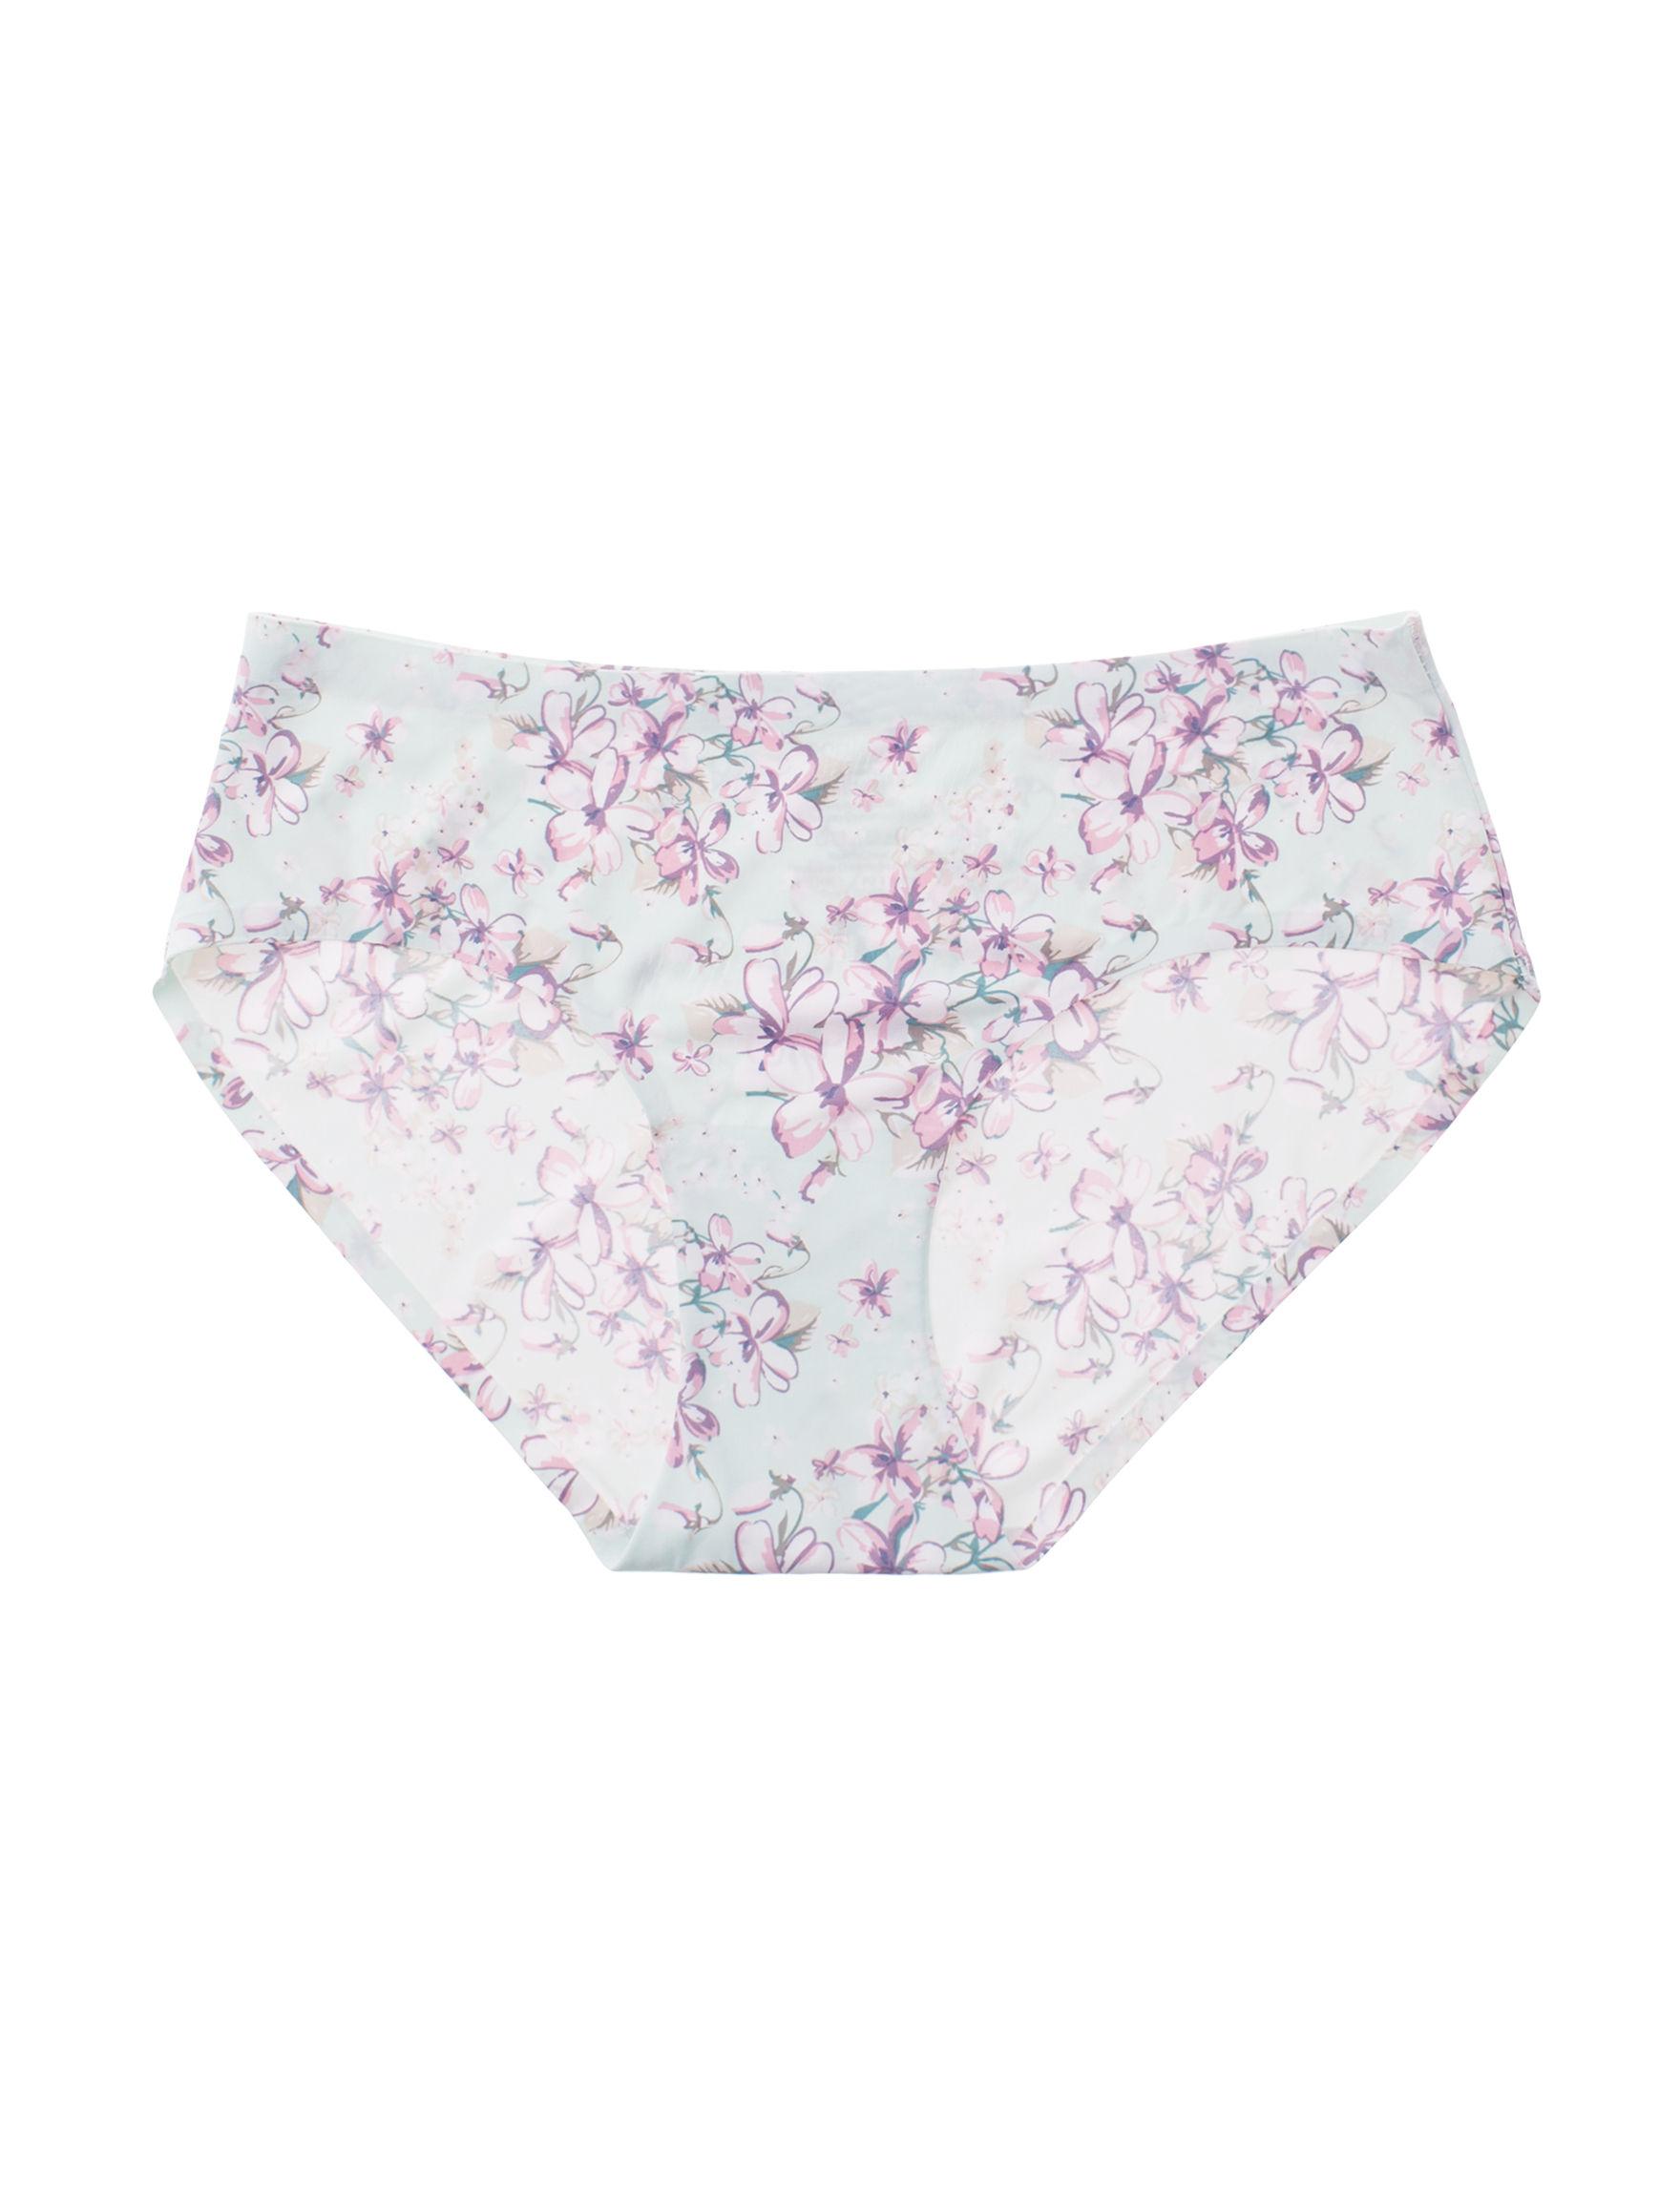 Sophie B Blue Floral Panties Hipster